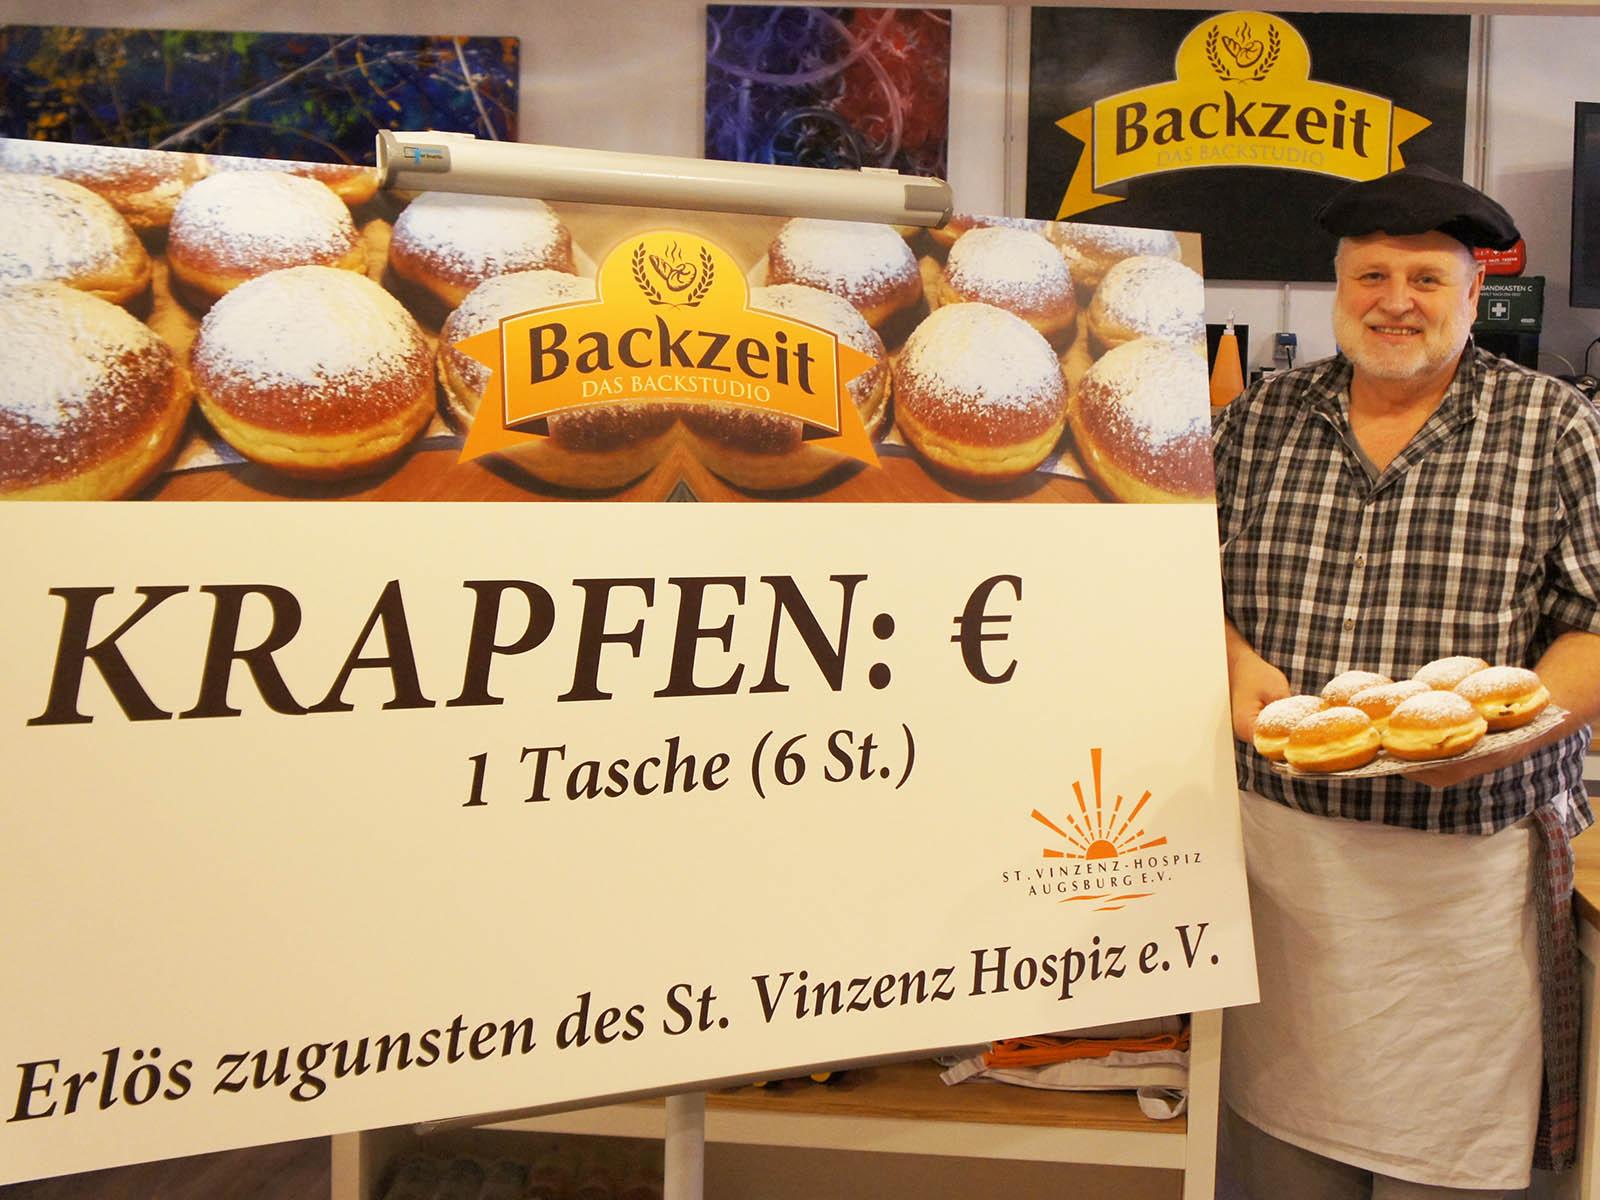 Der Inhaber des Backstudios Lothar Rother ist auch ehrenamtlicher Helfer im Hospiz (Foto: St. Vinzenz-Hospiz Augsburg e.V.)